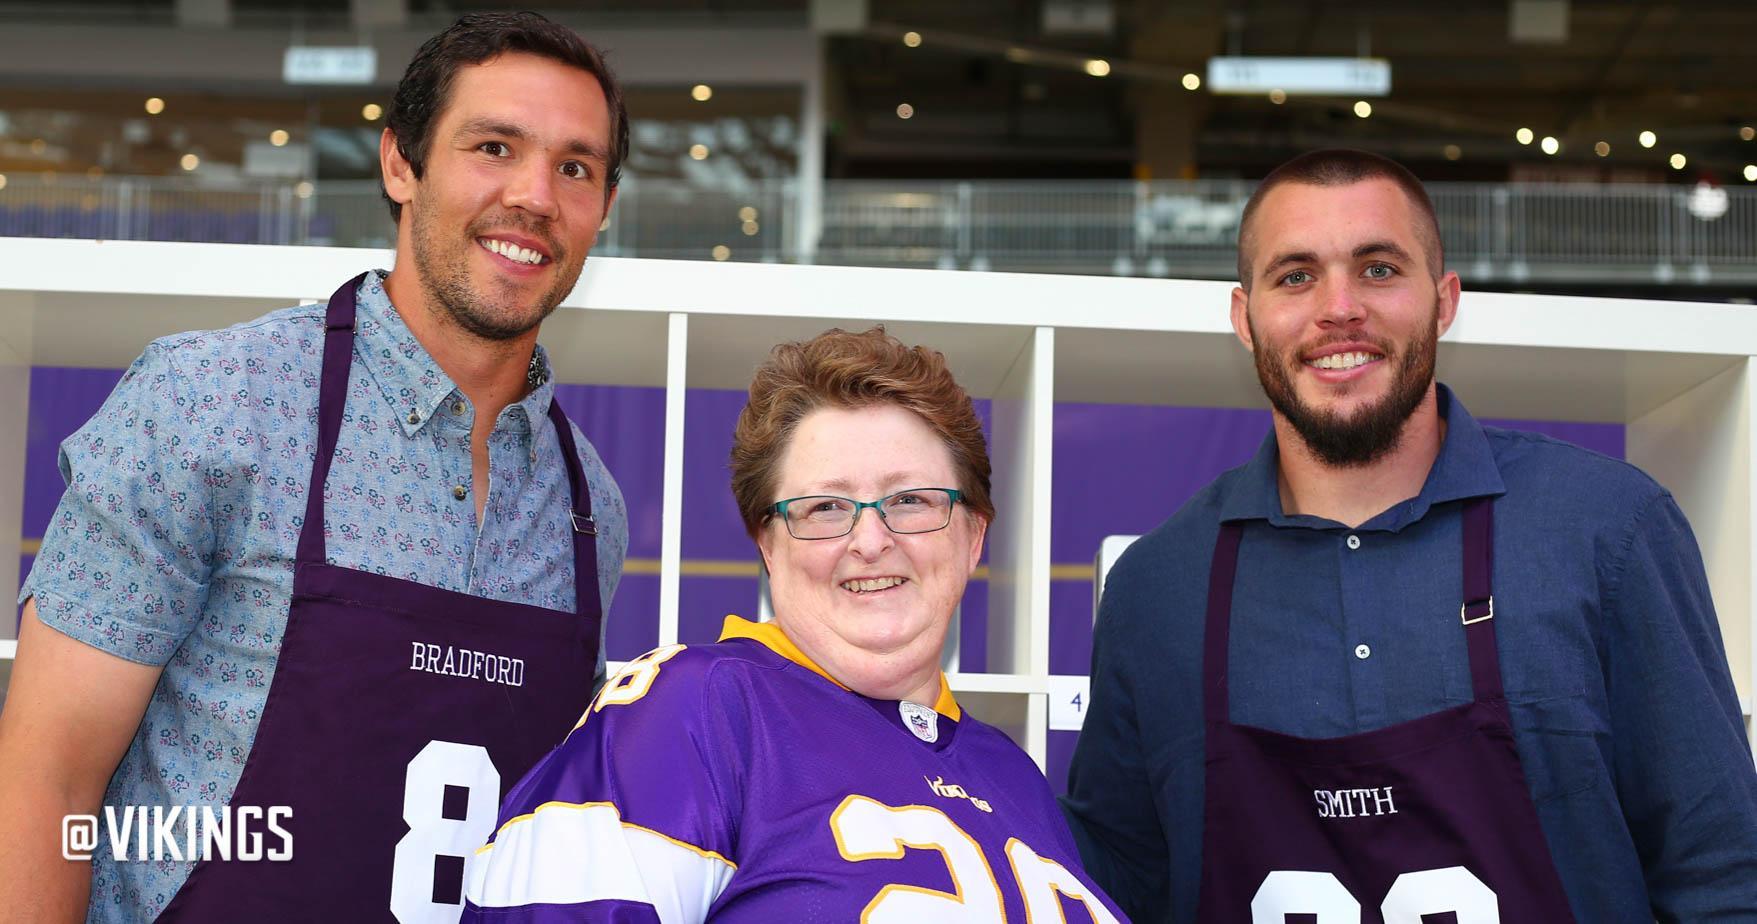 2017 Taste of the Vikings at U.S. Bank Stadium